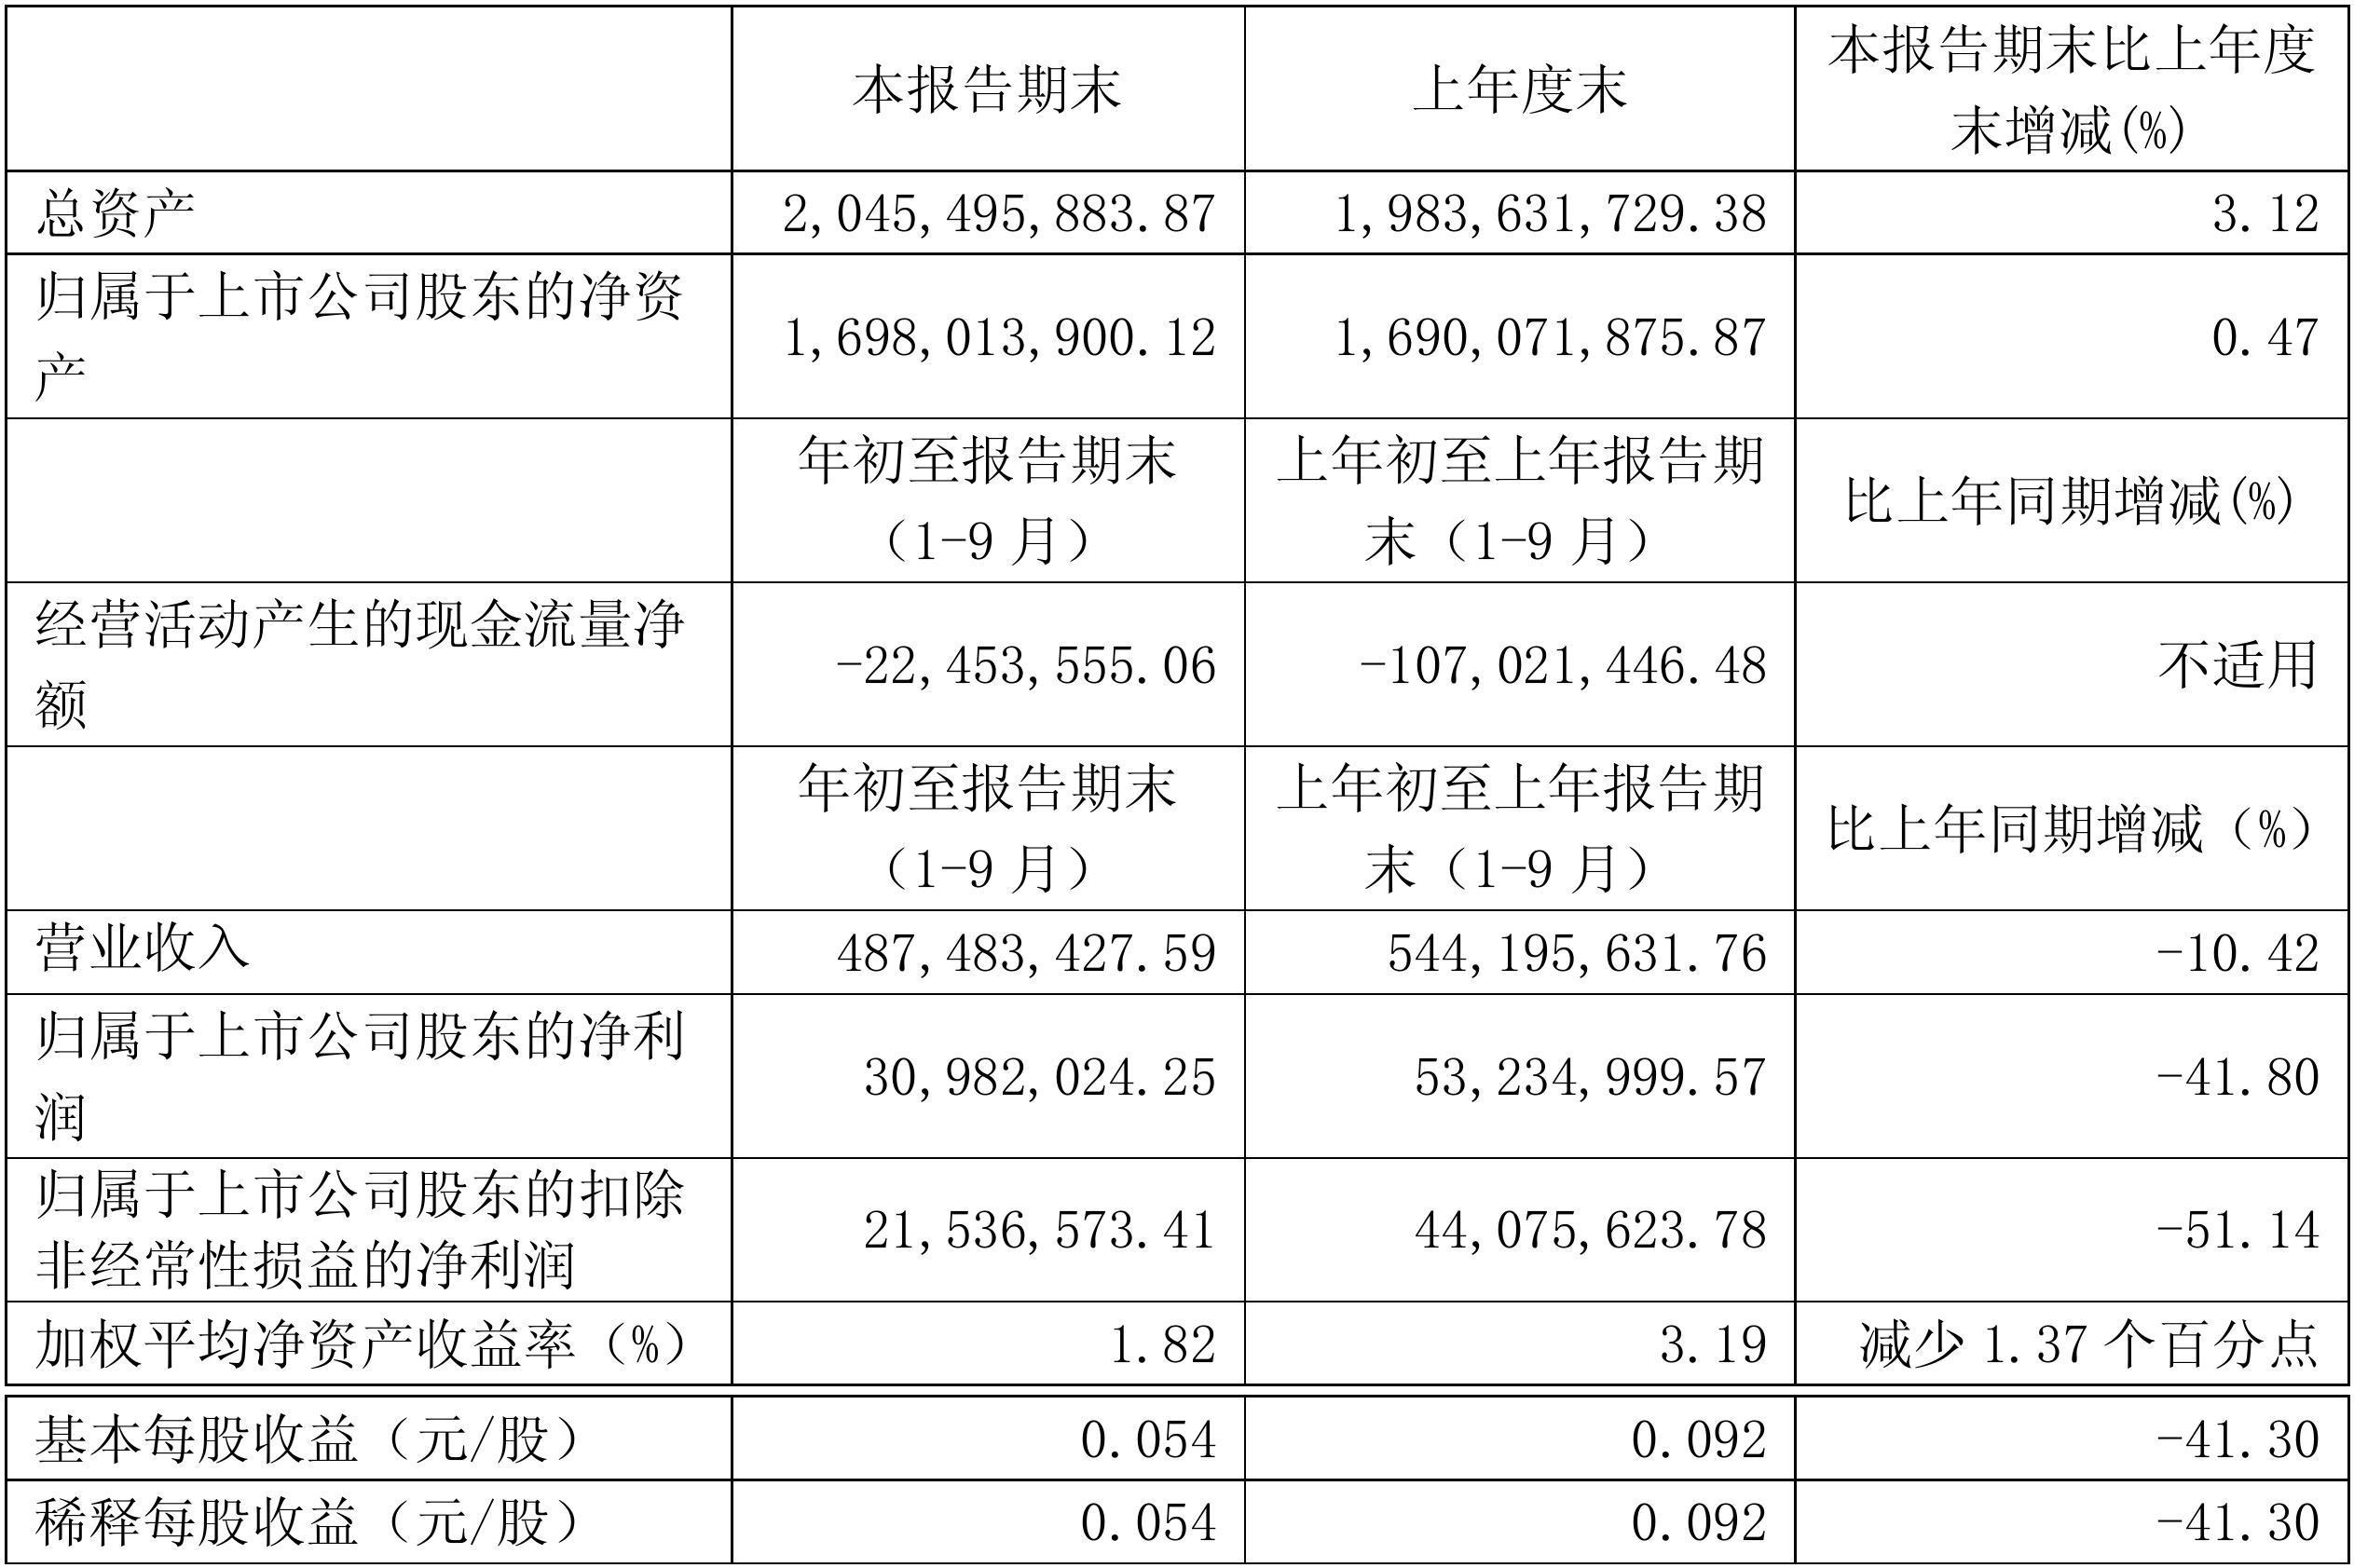 【财报季】读者传媒2018第三季度财报: 营收4.87亿元,净利润3098.20万元 | 芥末堆